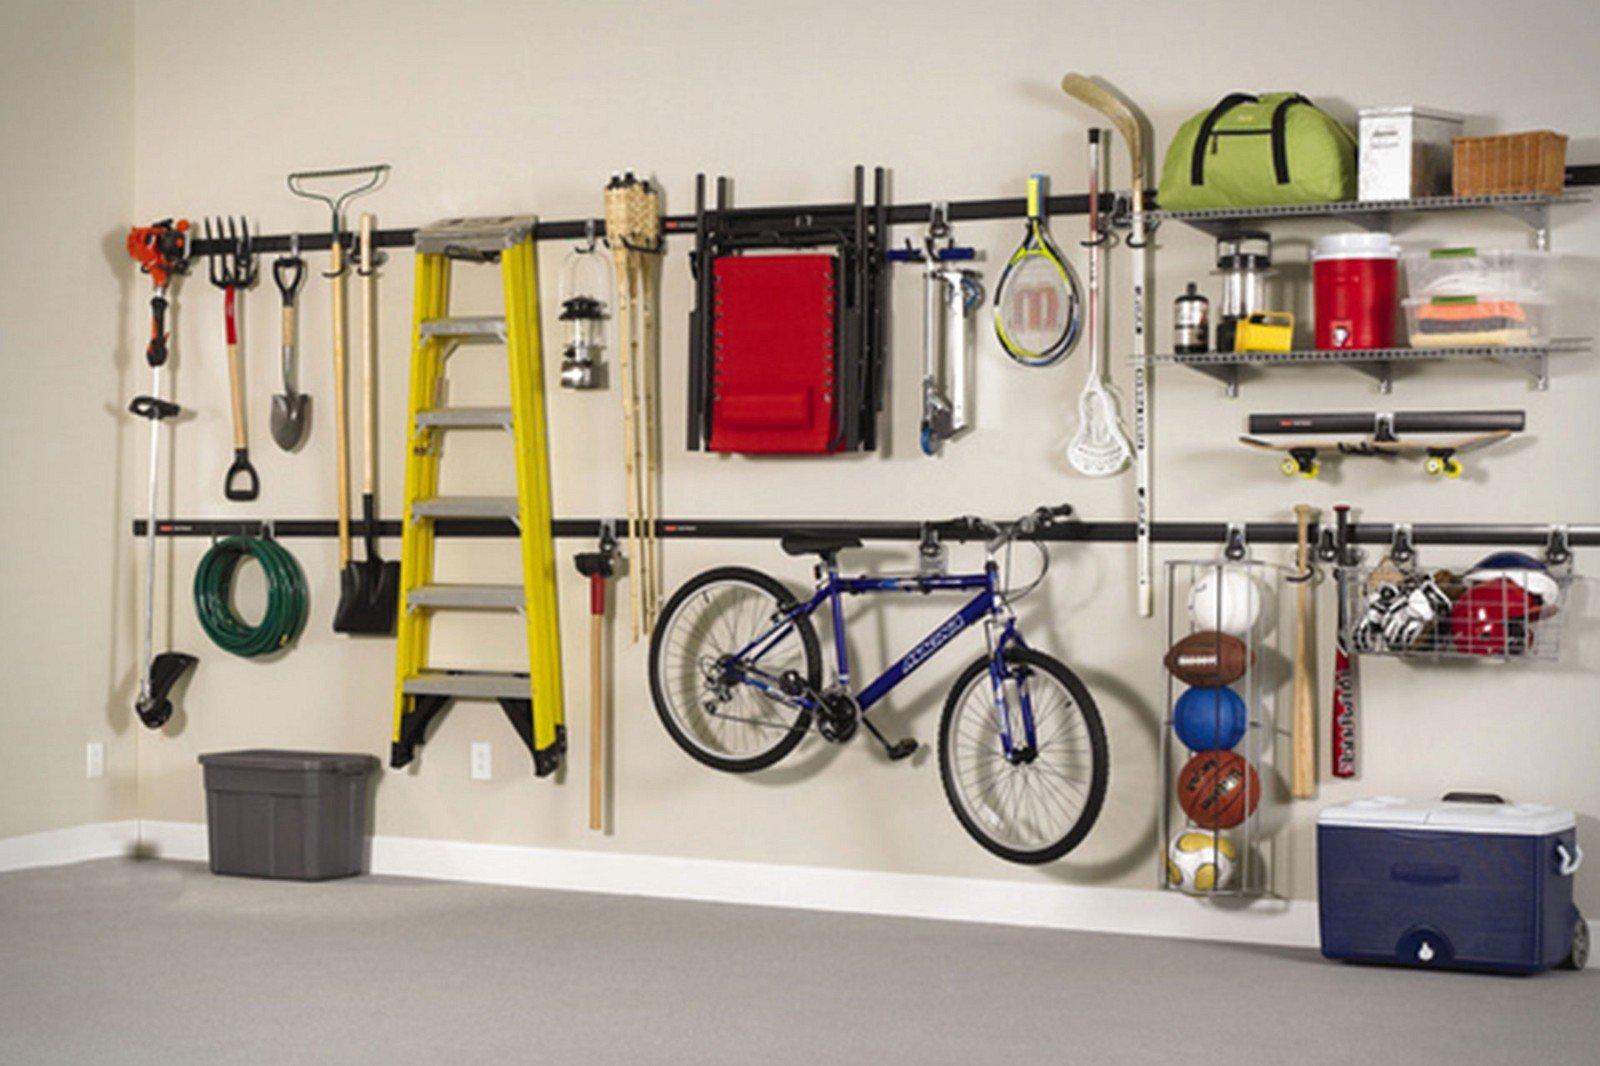 7 Great Garage Storage Ideas | West Coast Self-Storage